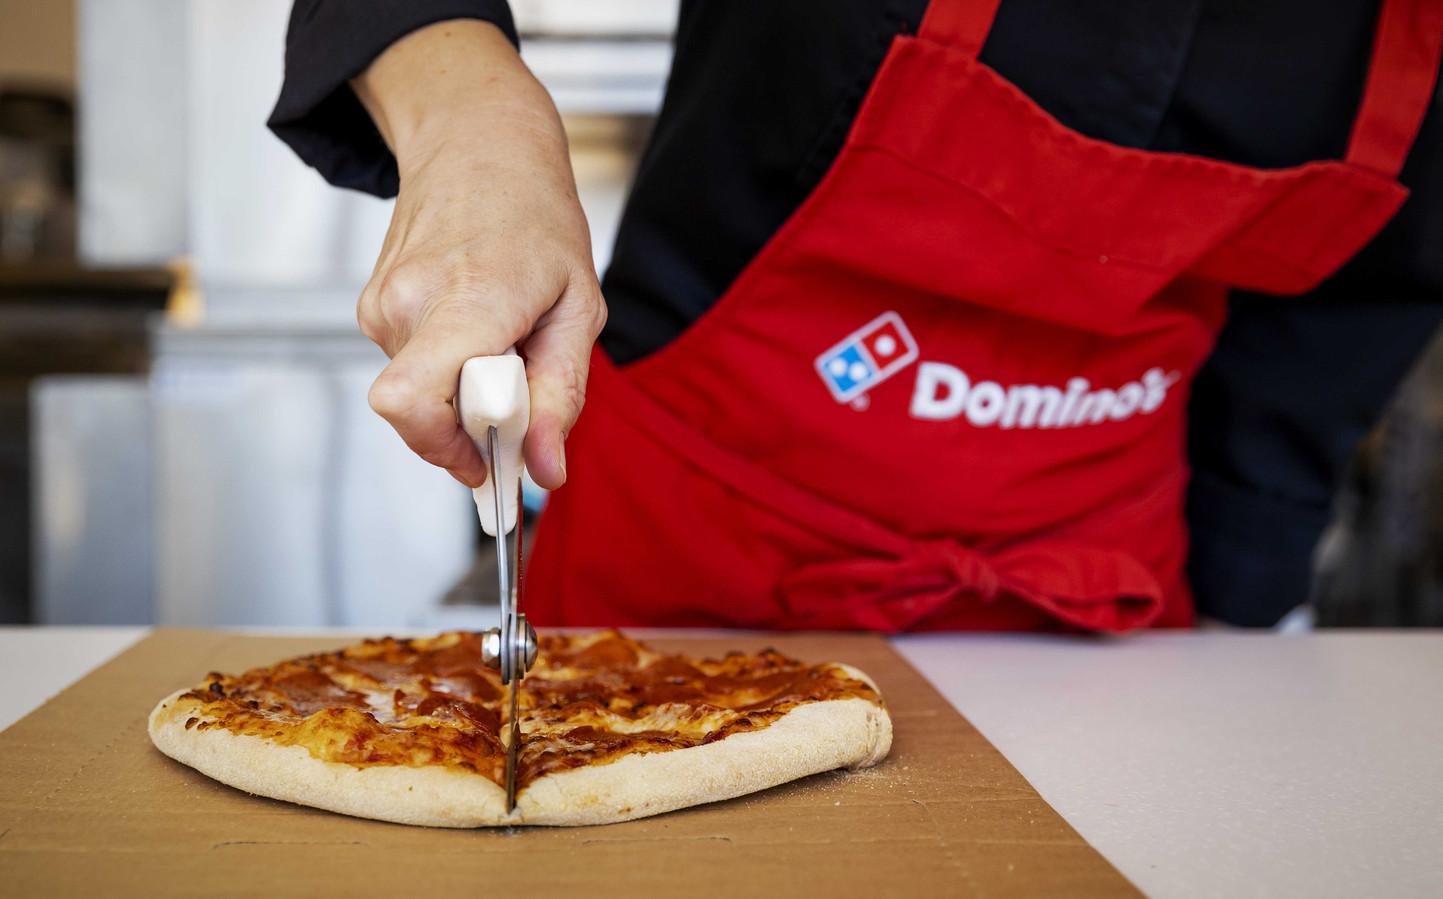 Een medewerker van Domino's snijdt een pizza